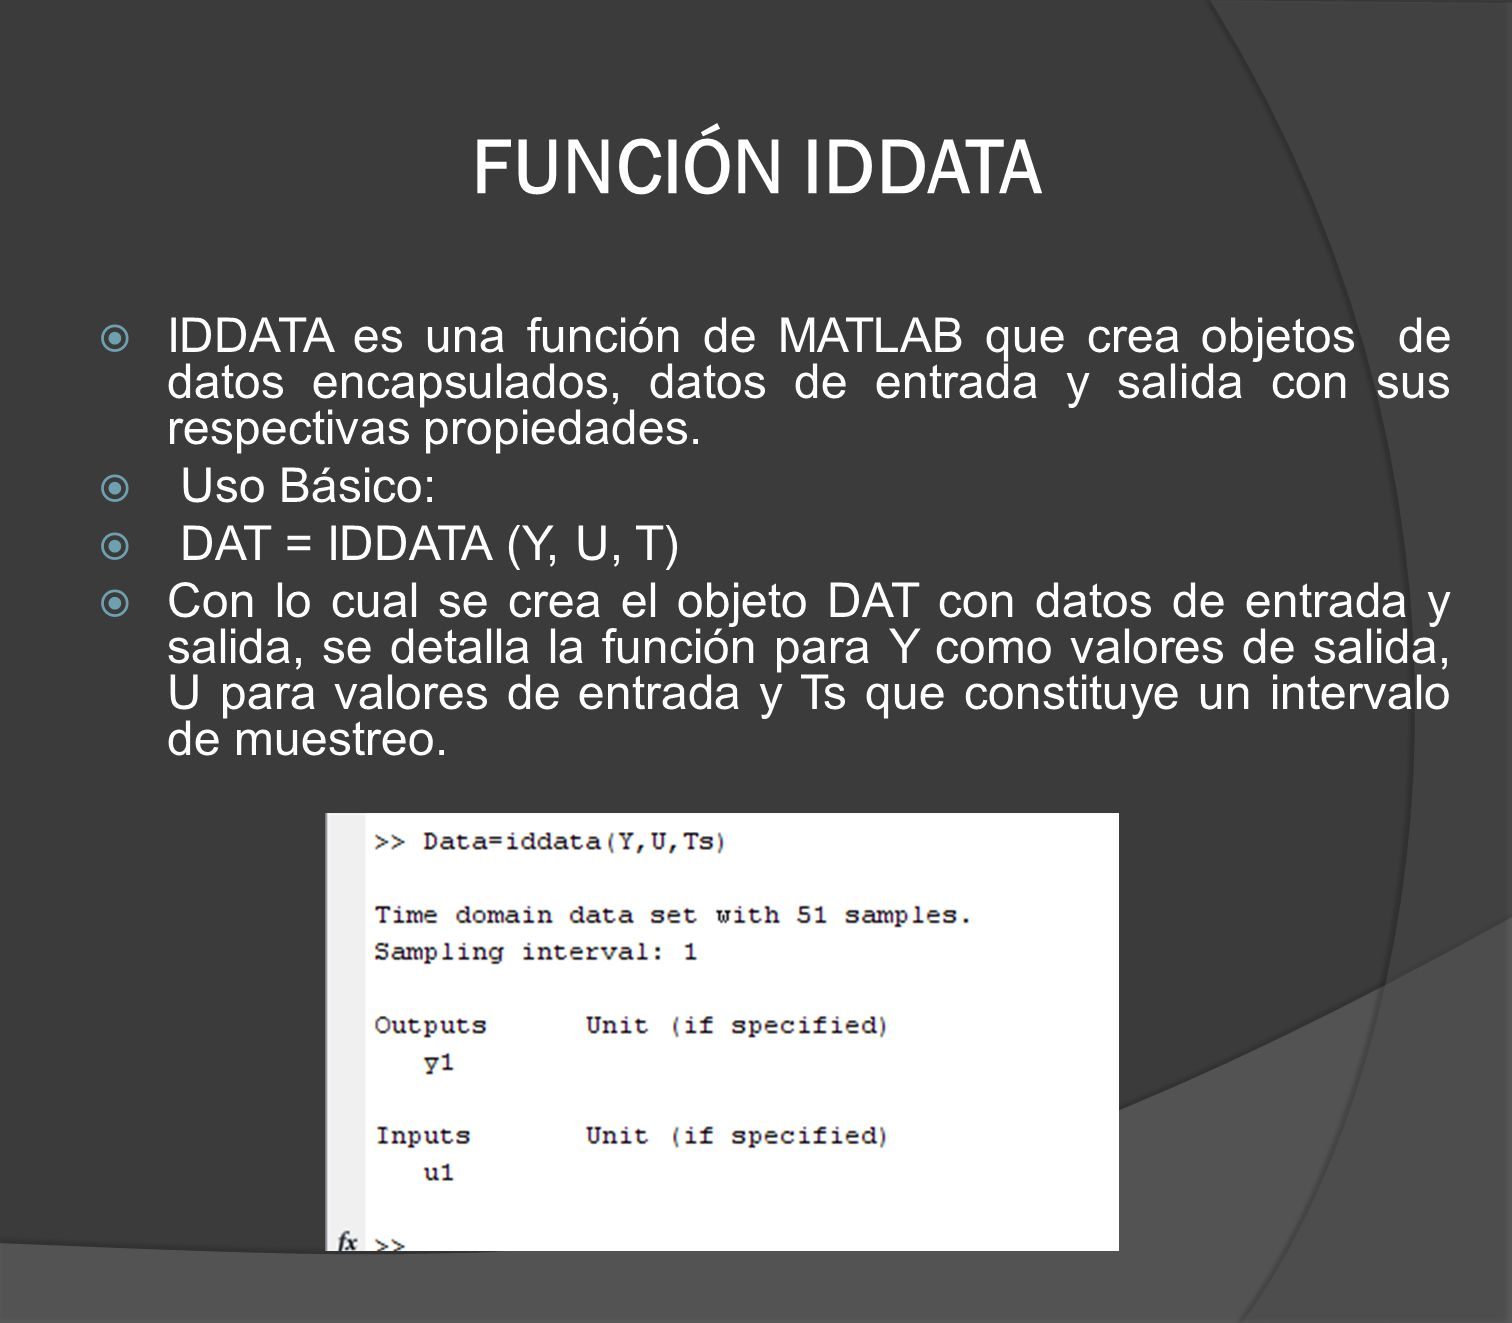 FUNCIÓN IDDATA IDDATA es una función de MATLAB que crea objetos de datos encapsulados, datos de entrada y salida con sus respectivas propiedades.